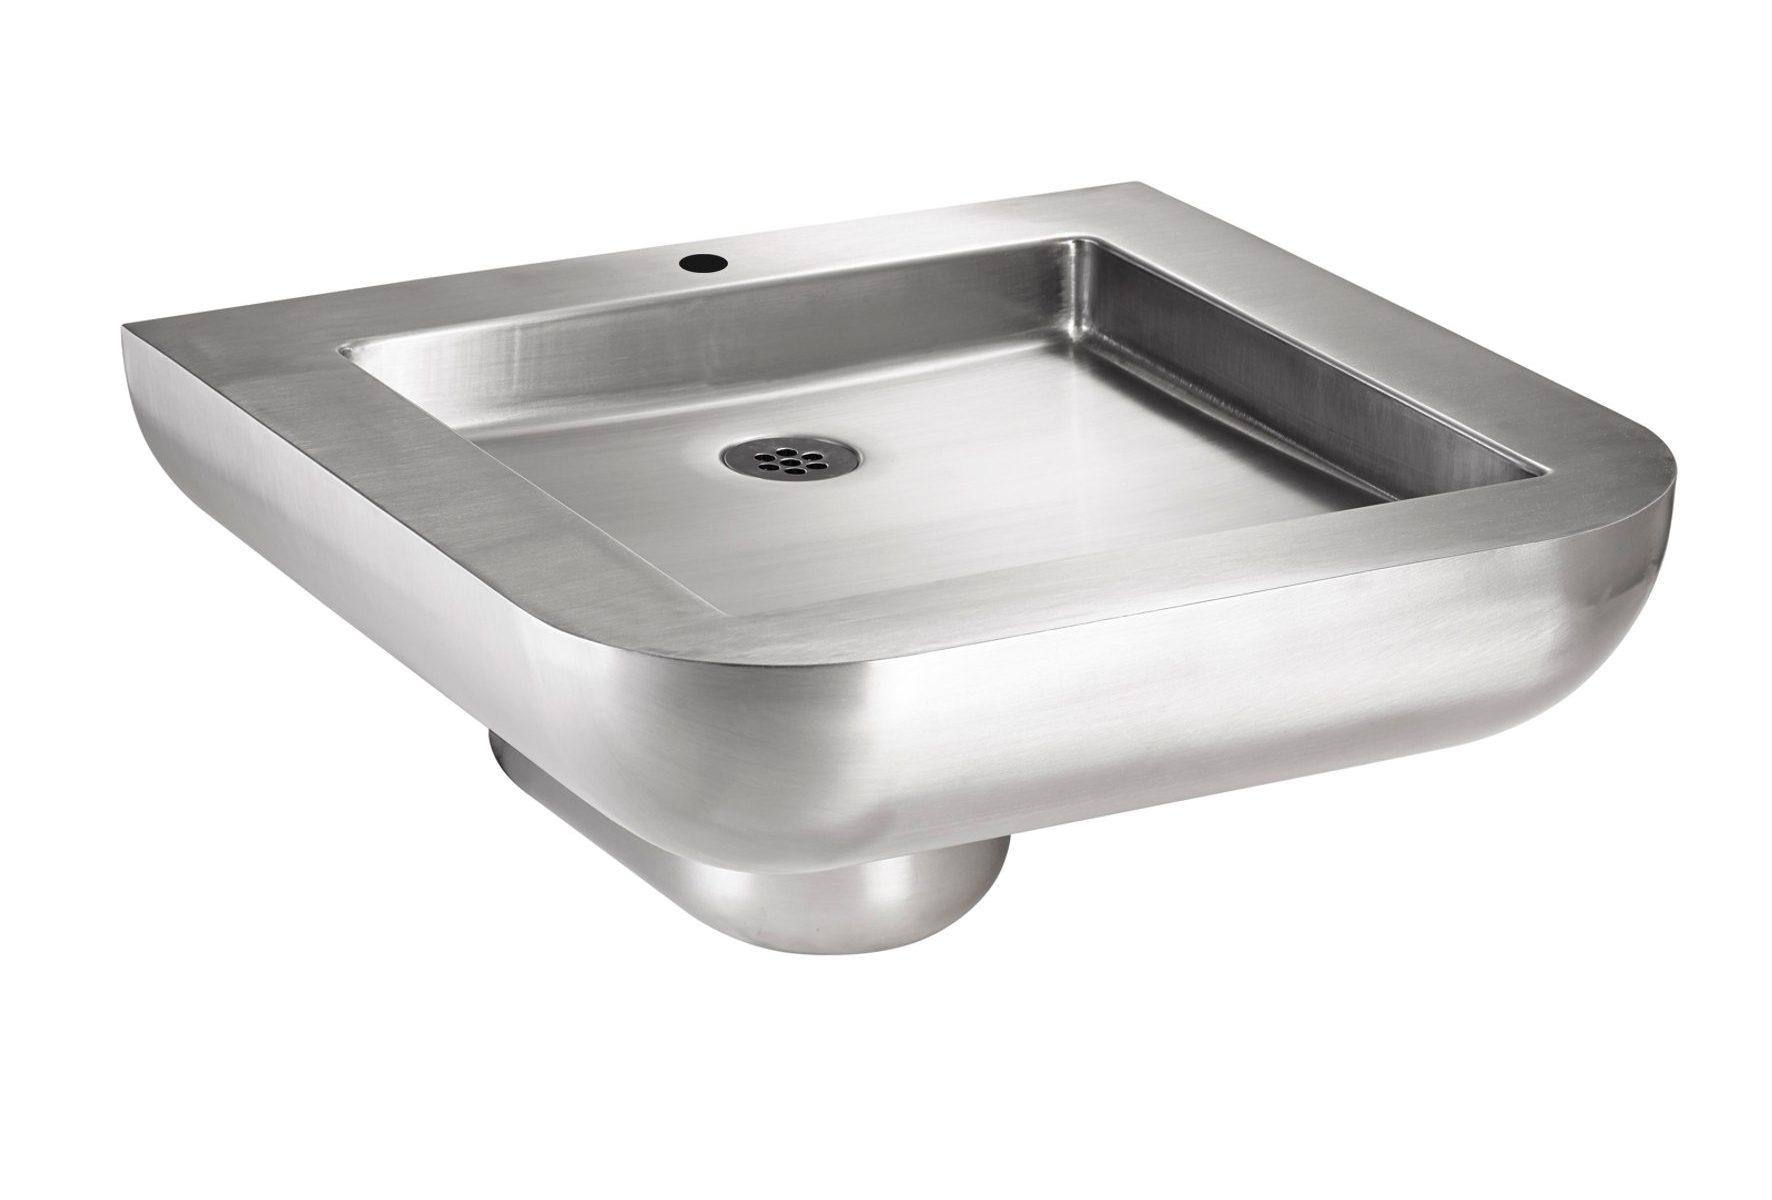 Edelstahl Behinderten-Waschtisch 55x55x130-280 mit Hahnloch